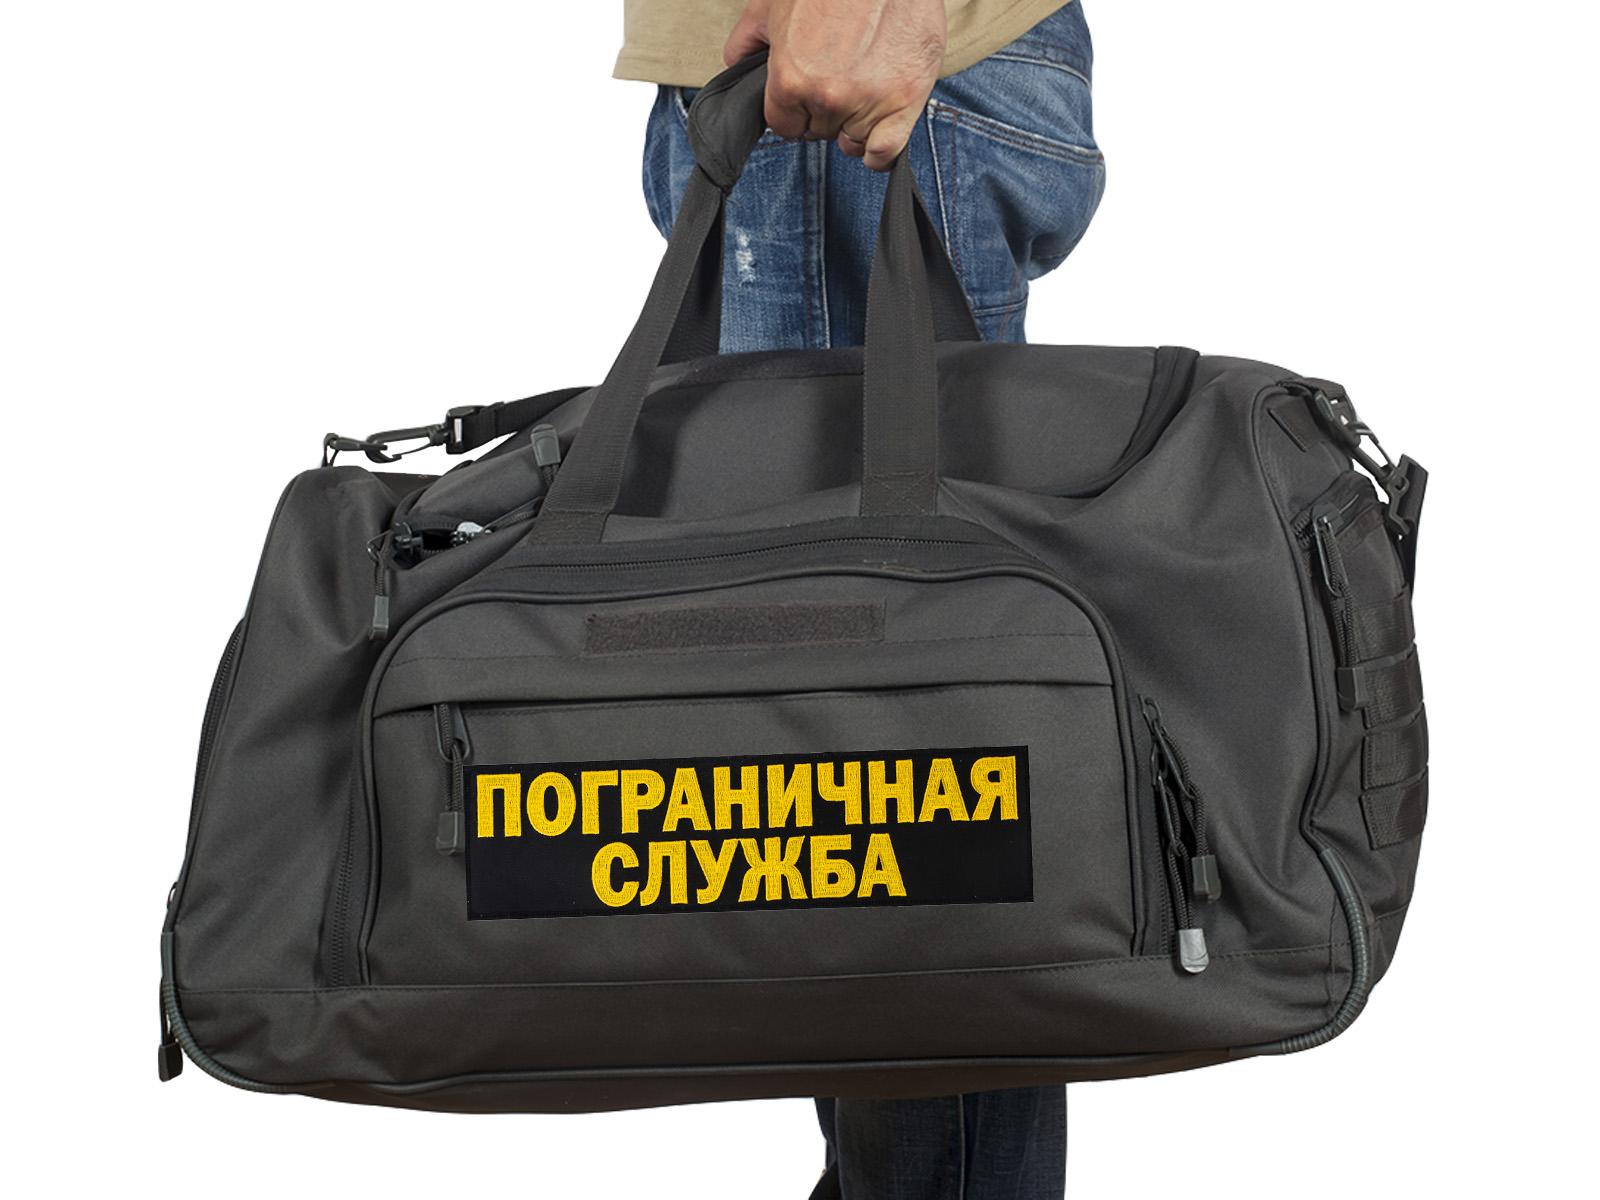 Купить темную-серую тревожную сумку 08032B с нашивкой ПС по выгодной цене